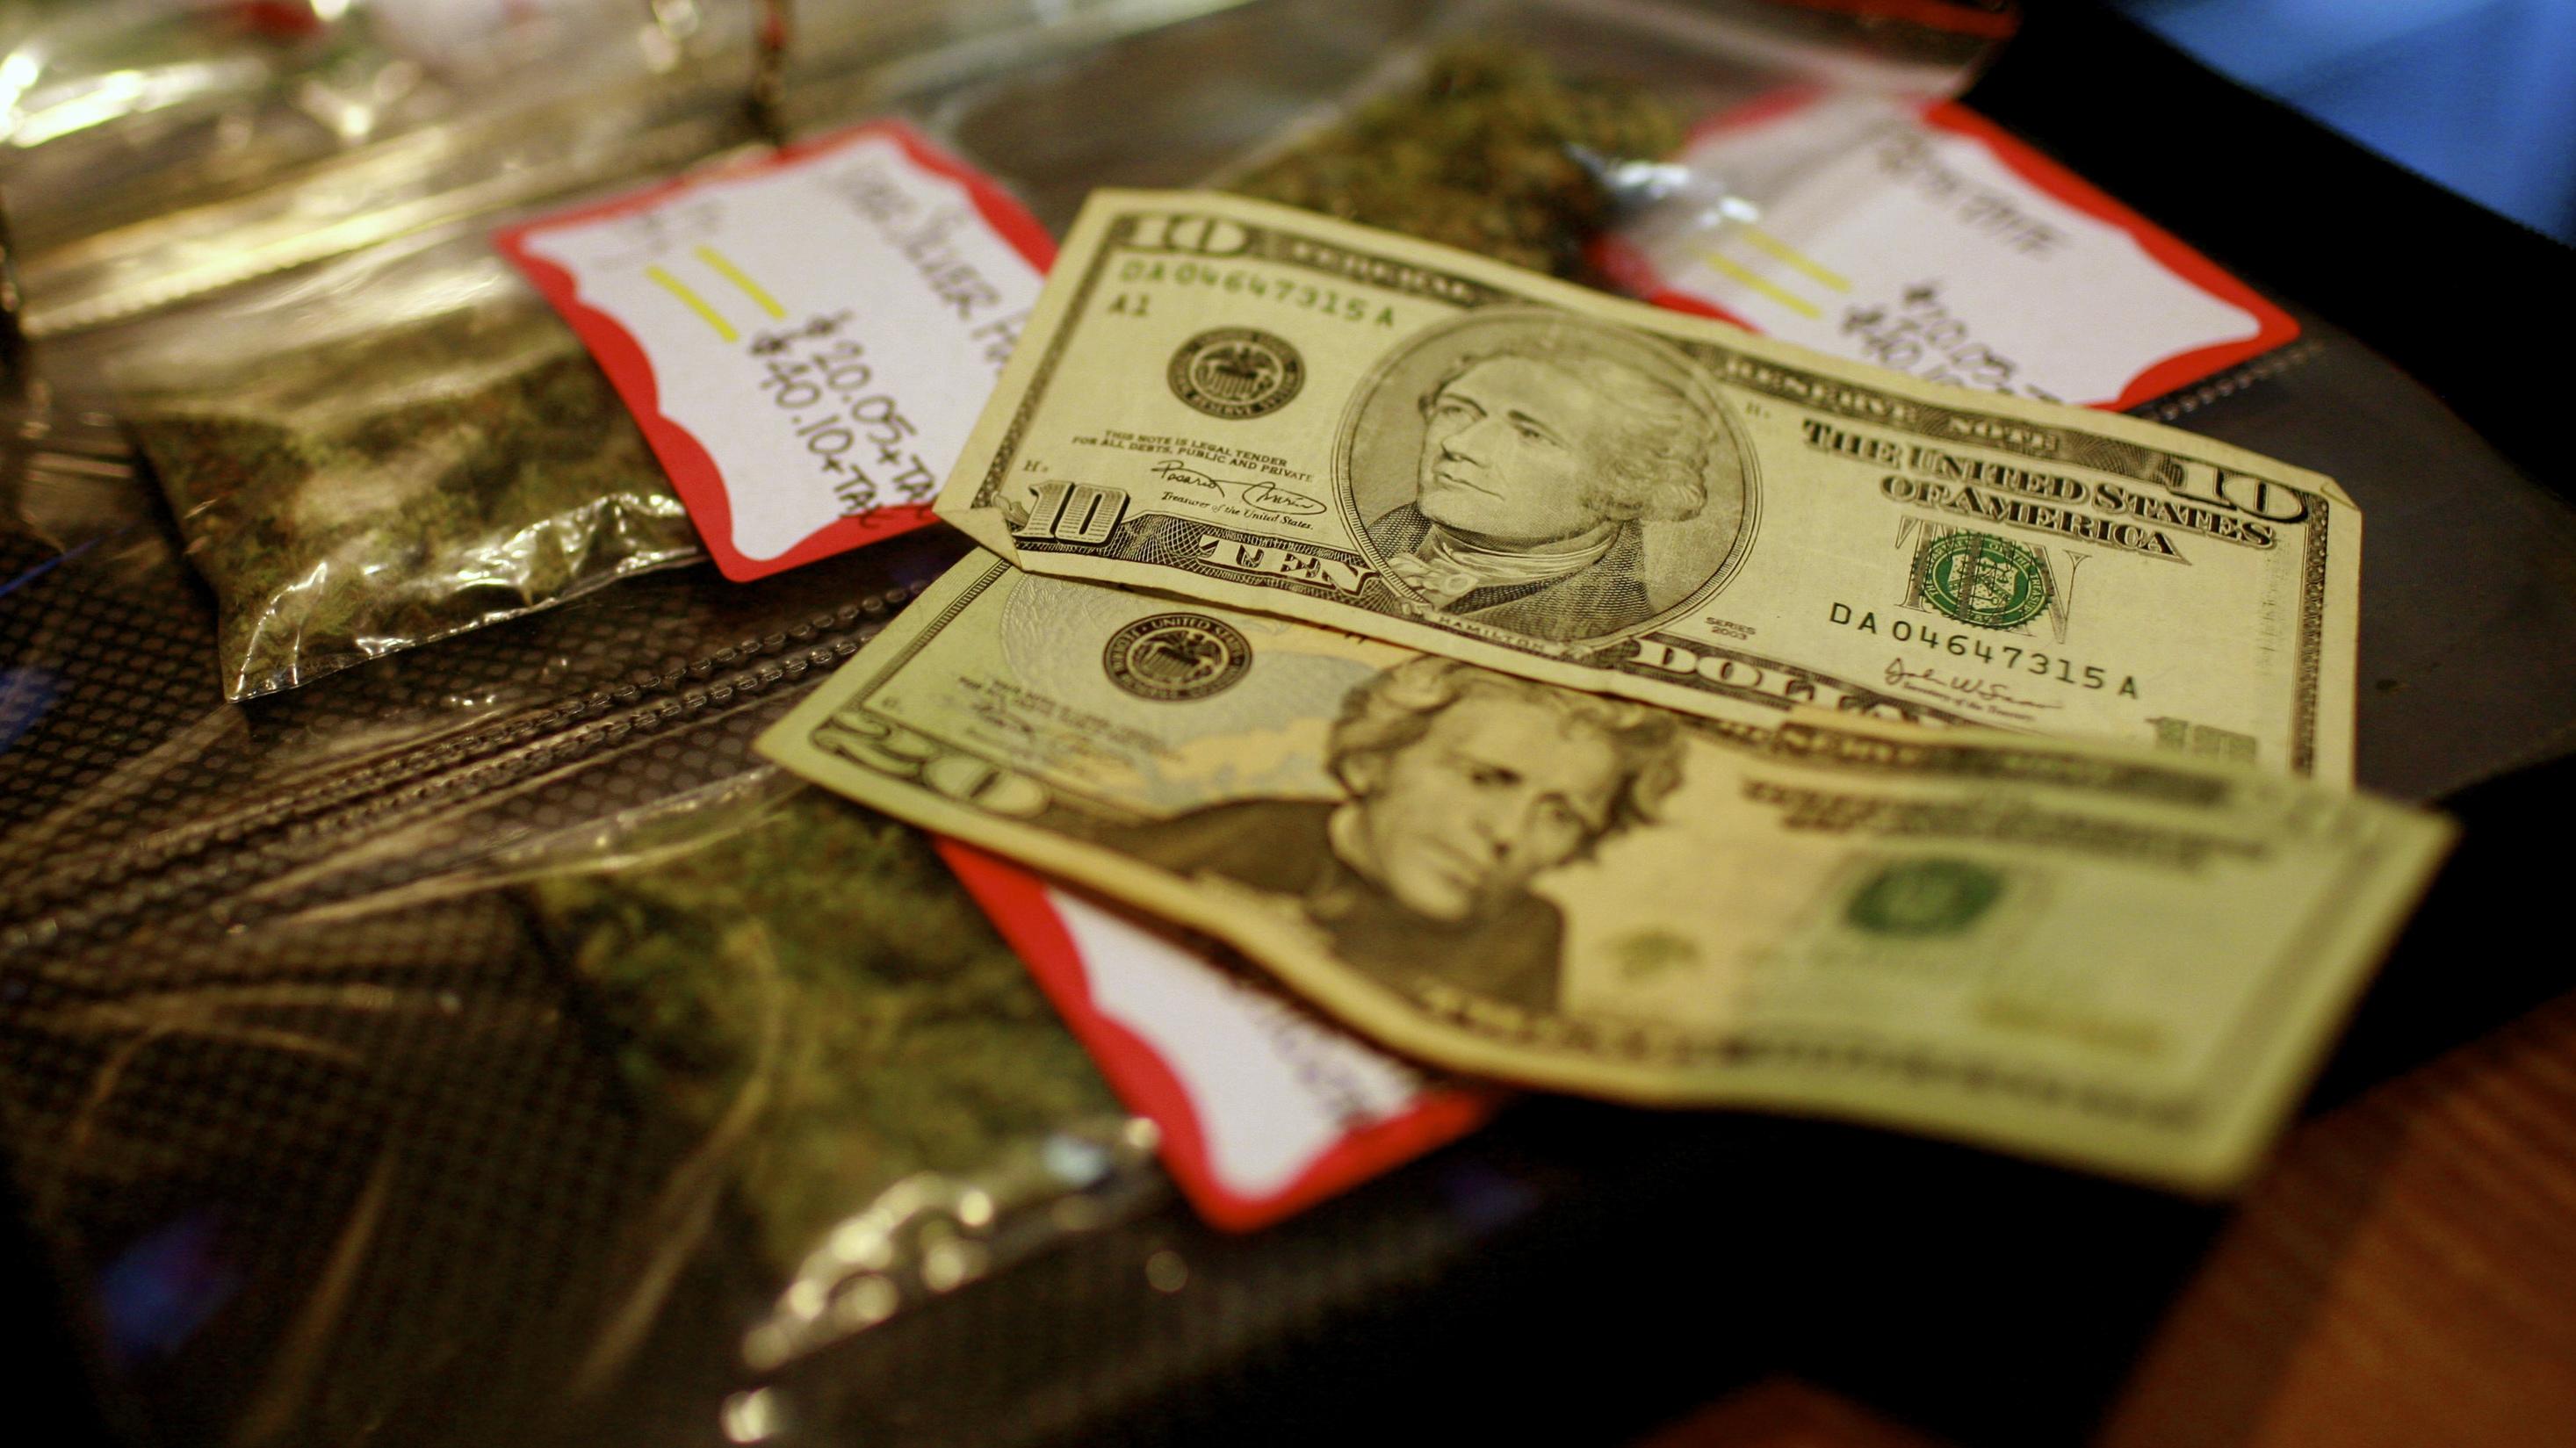 Medical marijuana and cash.